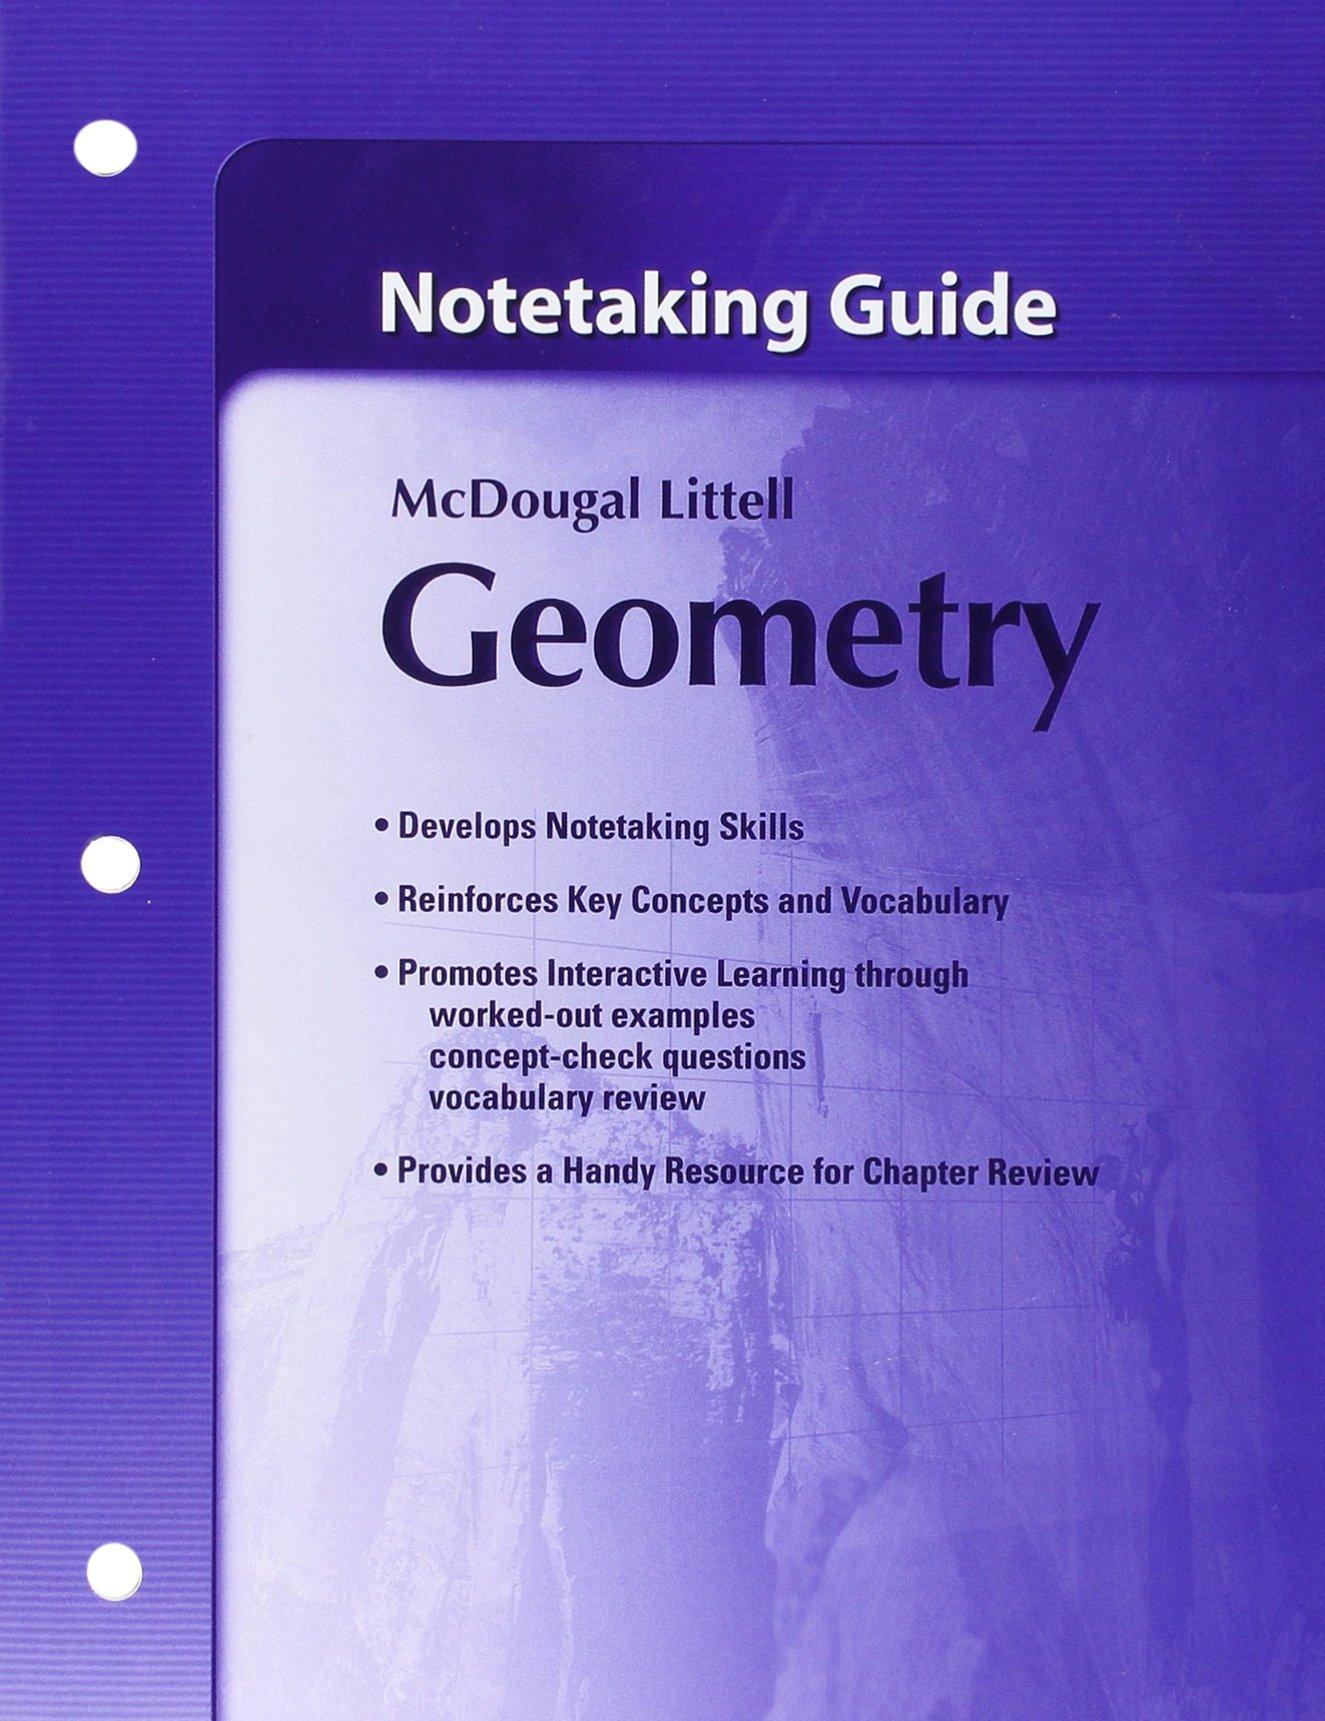 amazon com notetaking guide geometry 9780618736928 mcdougal rh amazon com Students for Note Taking Guide Algebra 1 Notetaking Guide